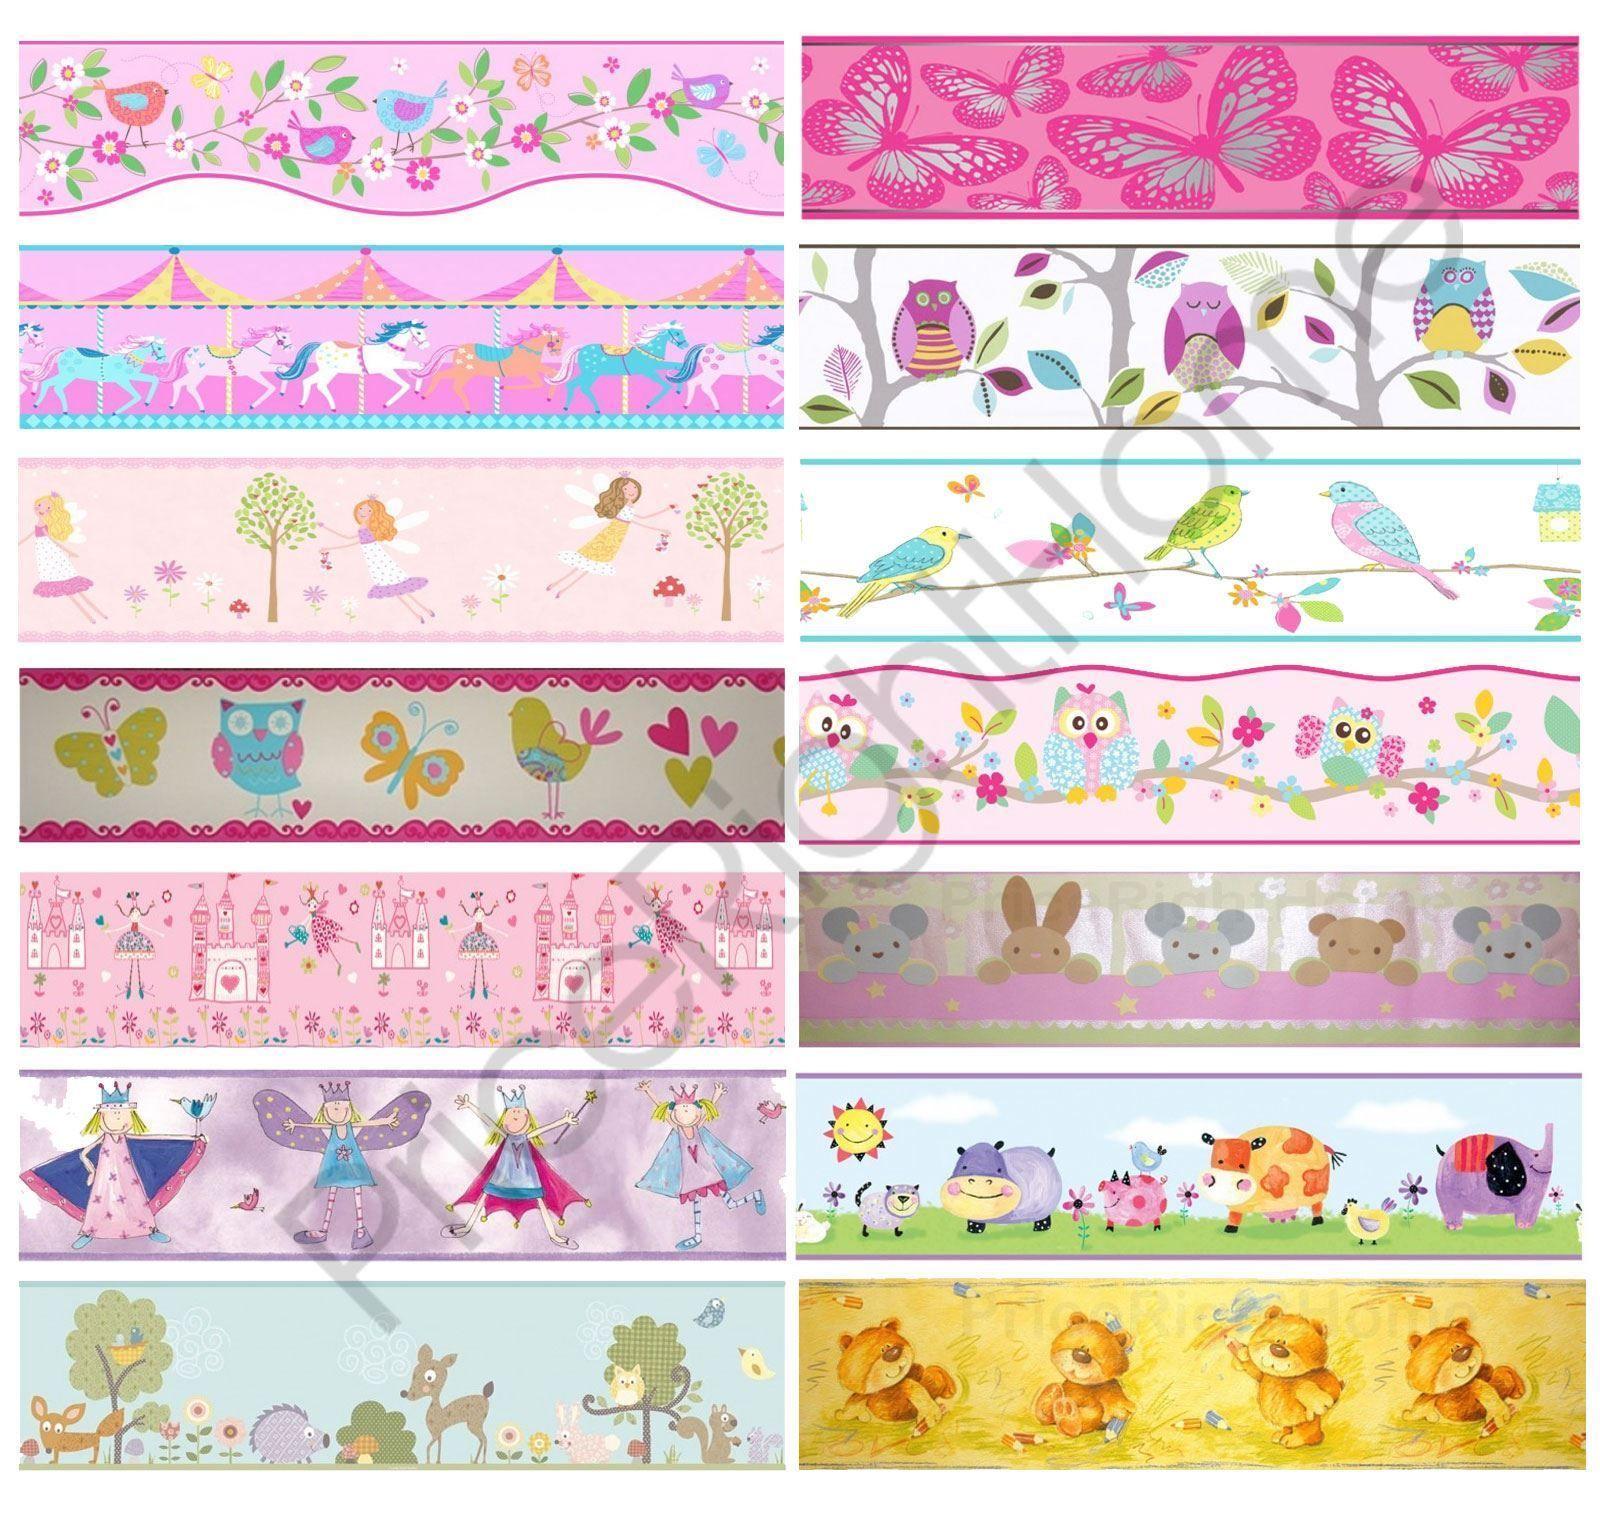 Girls Generic Bedroom Wallpaper Borders Butterfly Flowers Birds Wall Decor Kids Ebay Hom Little Girl Wallpaper Girls Wallpaper Border Girls Bedroom Wallpaper